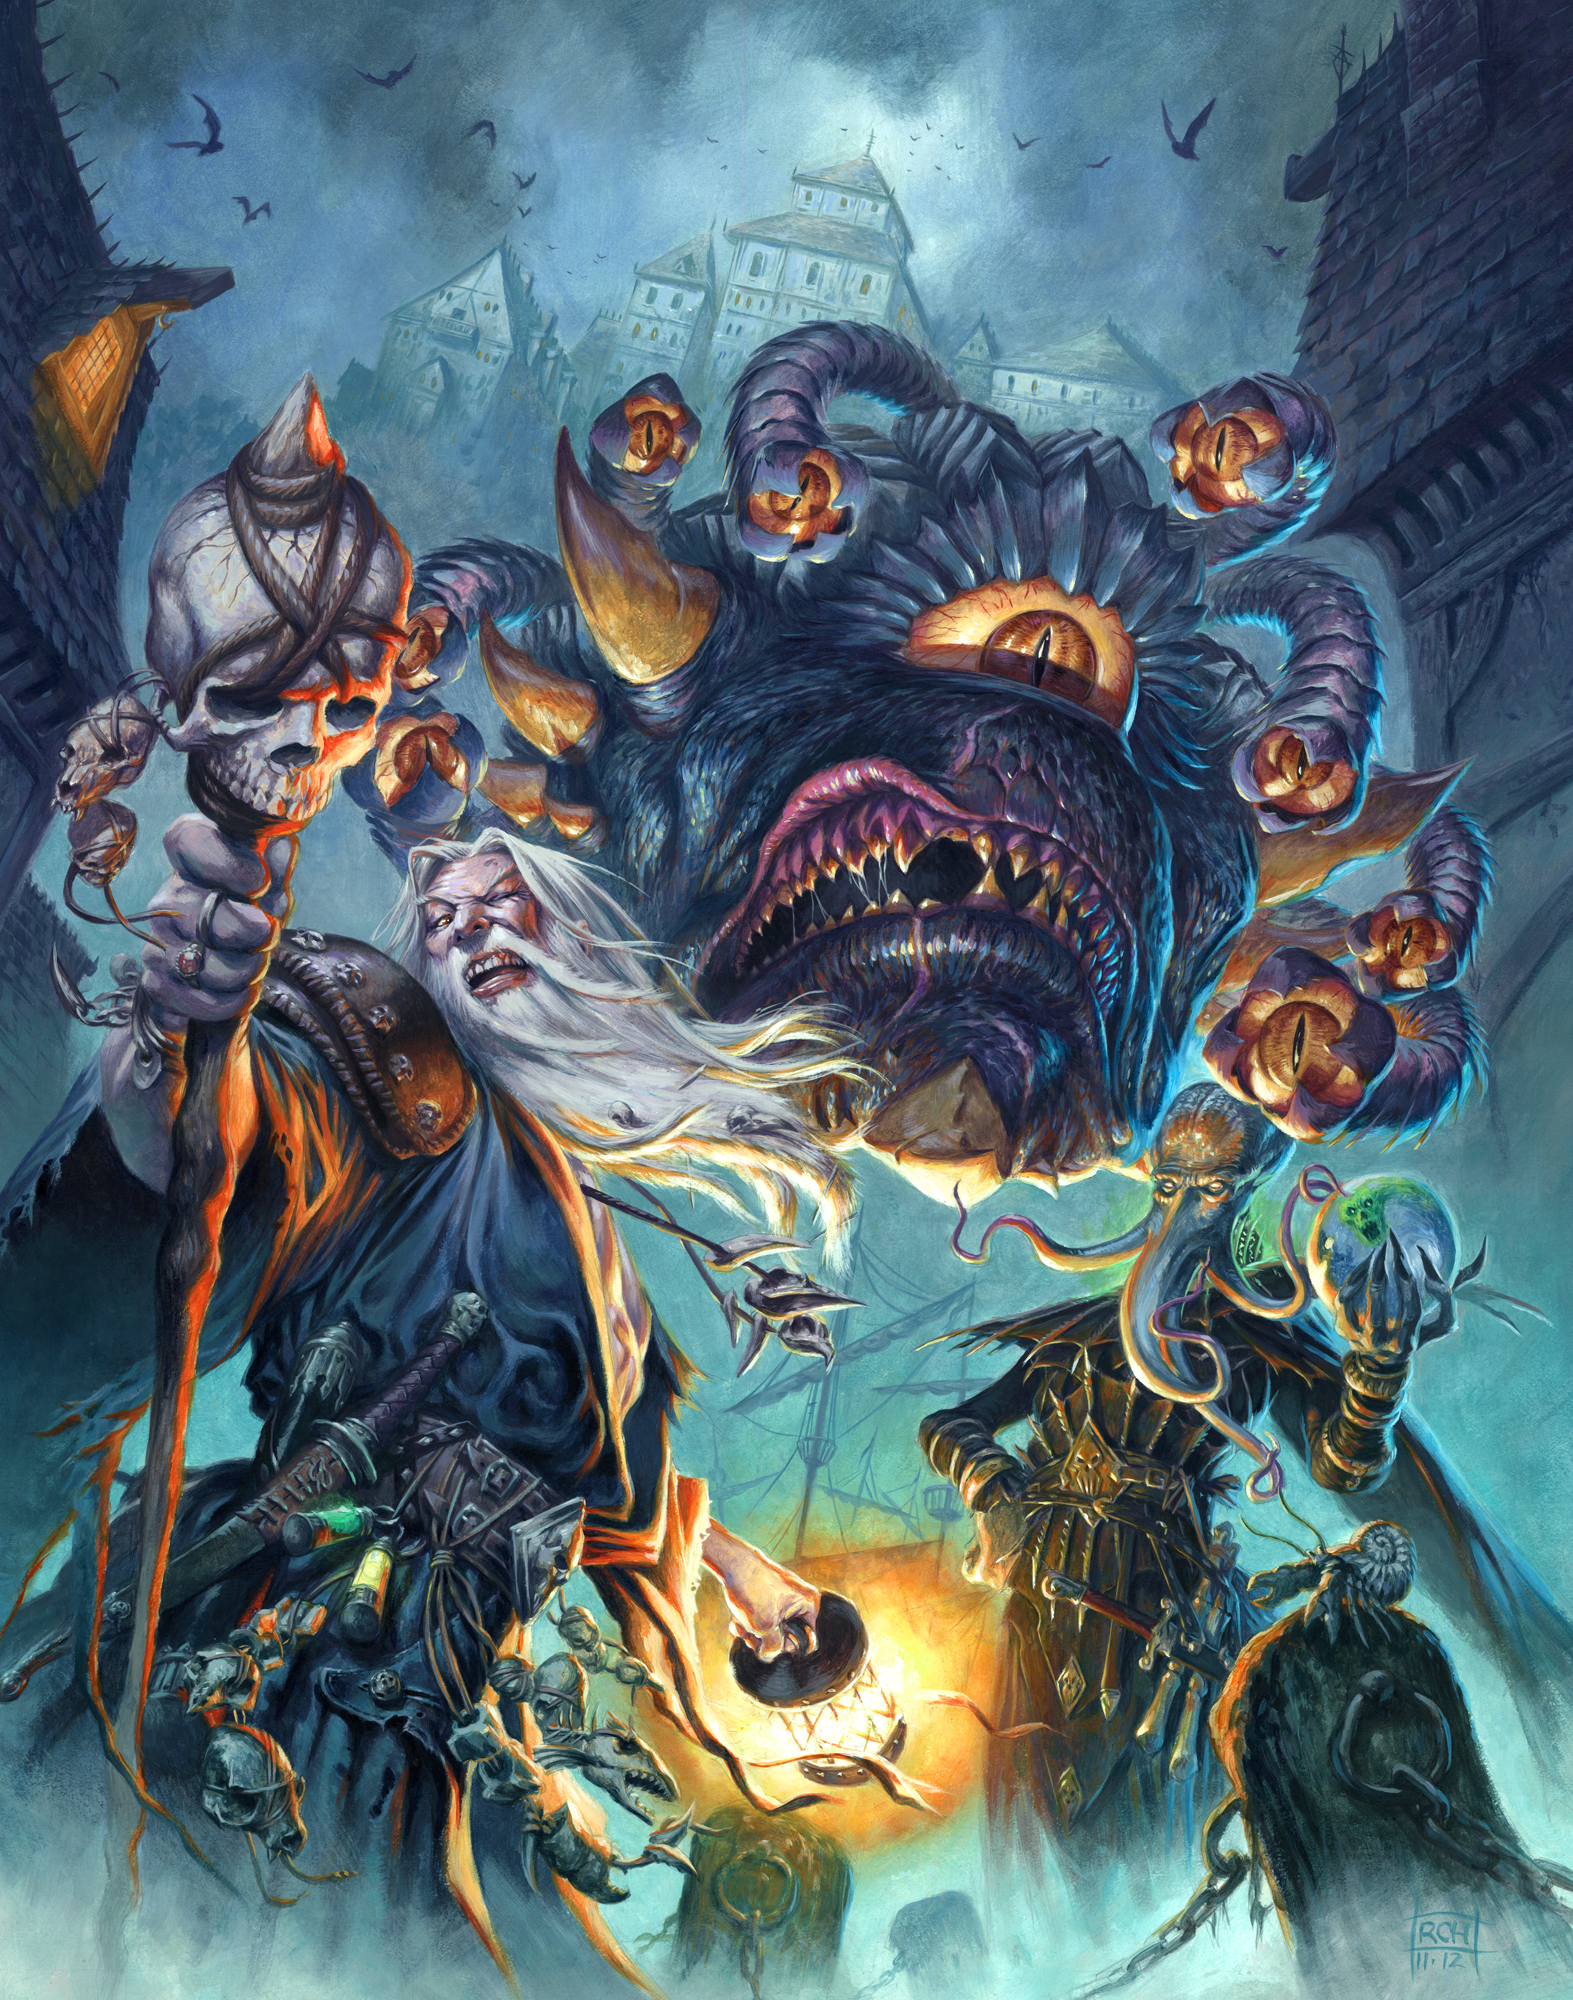 Scoundrels of Skullport by RalphHorsley